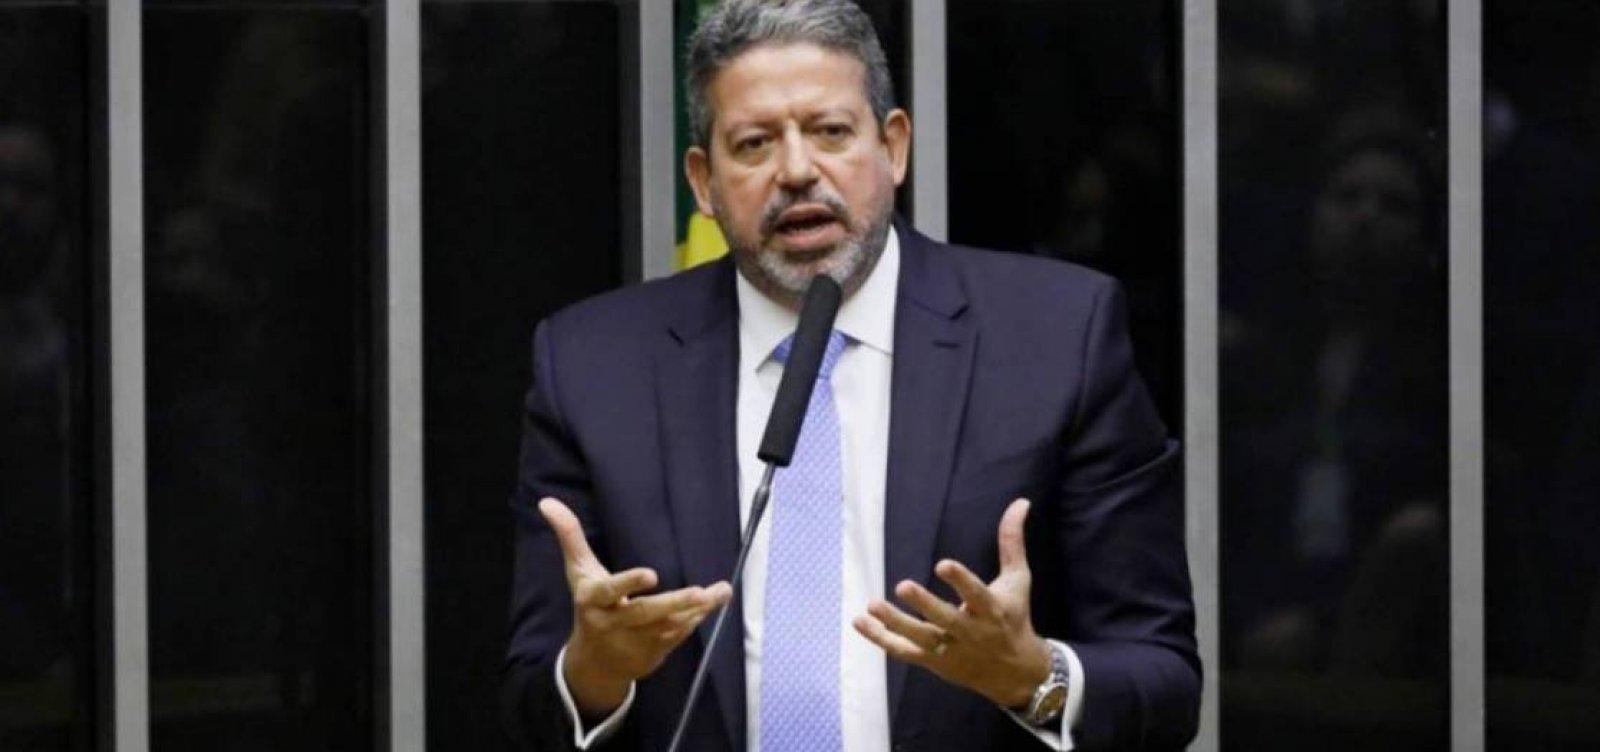 [Após ameaça de obstrução de pauta, Arthur Lira e oposição selam acordo para a Mesa Diretora da Câmara]